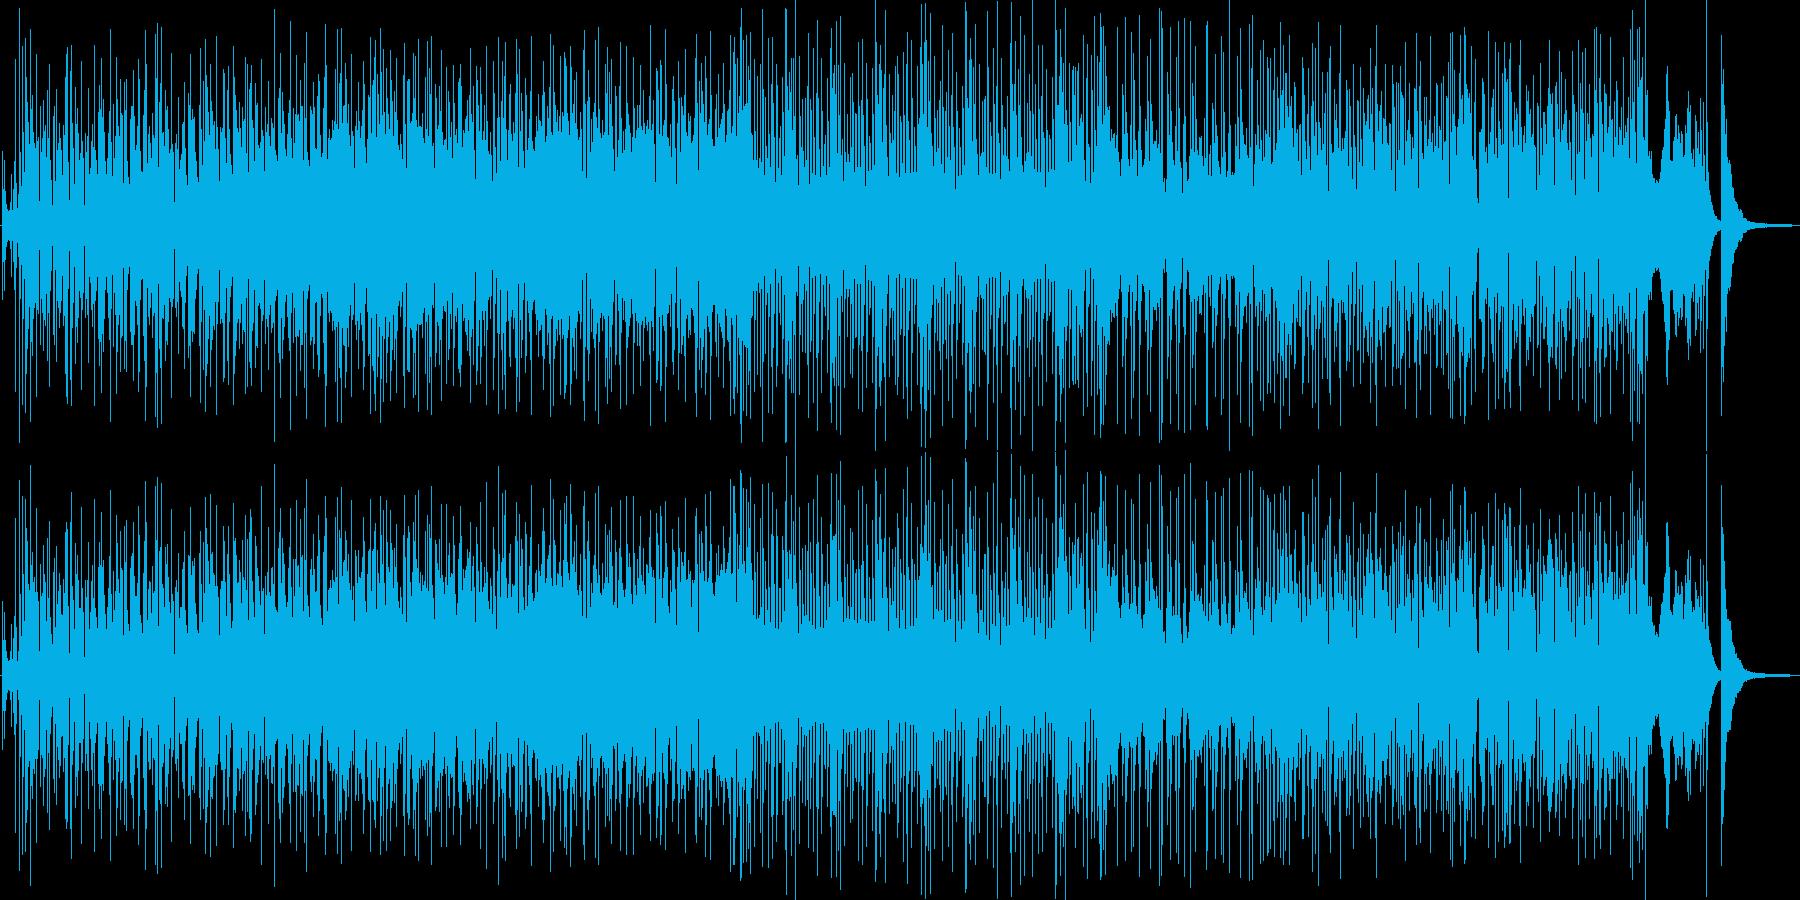 躍動するベースとローランドのシンセの再生済みの波形